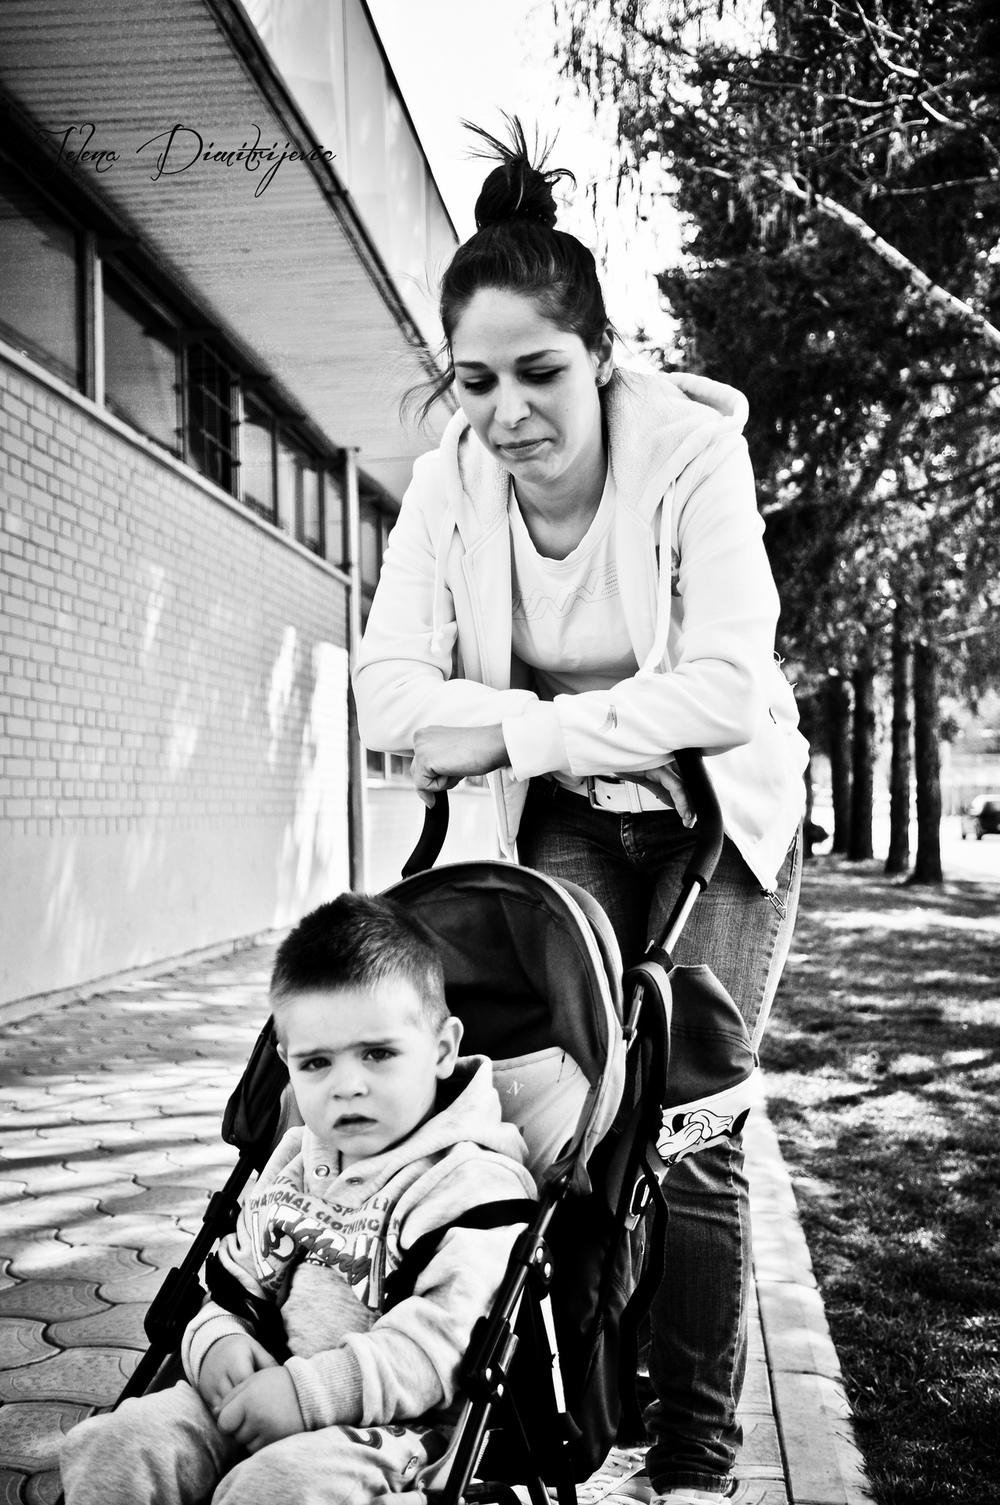 Jelena PHOTOGRAPHY - STREETS